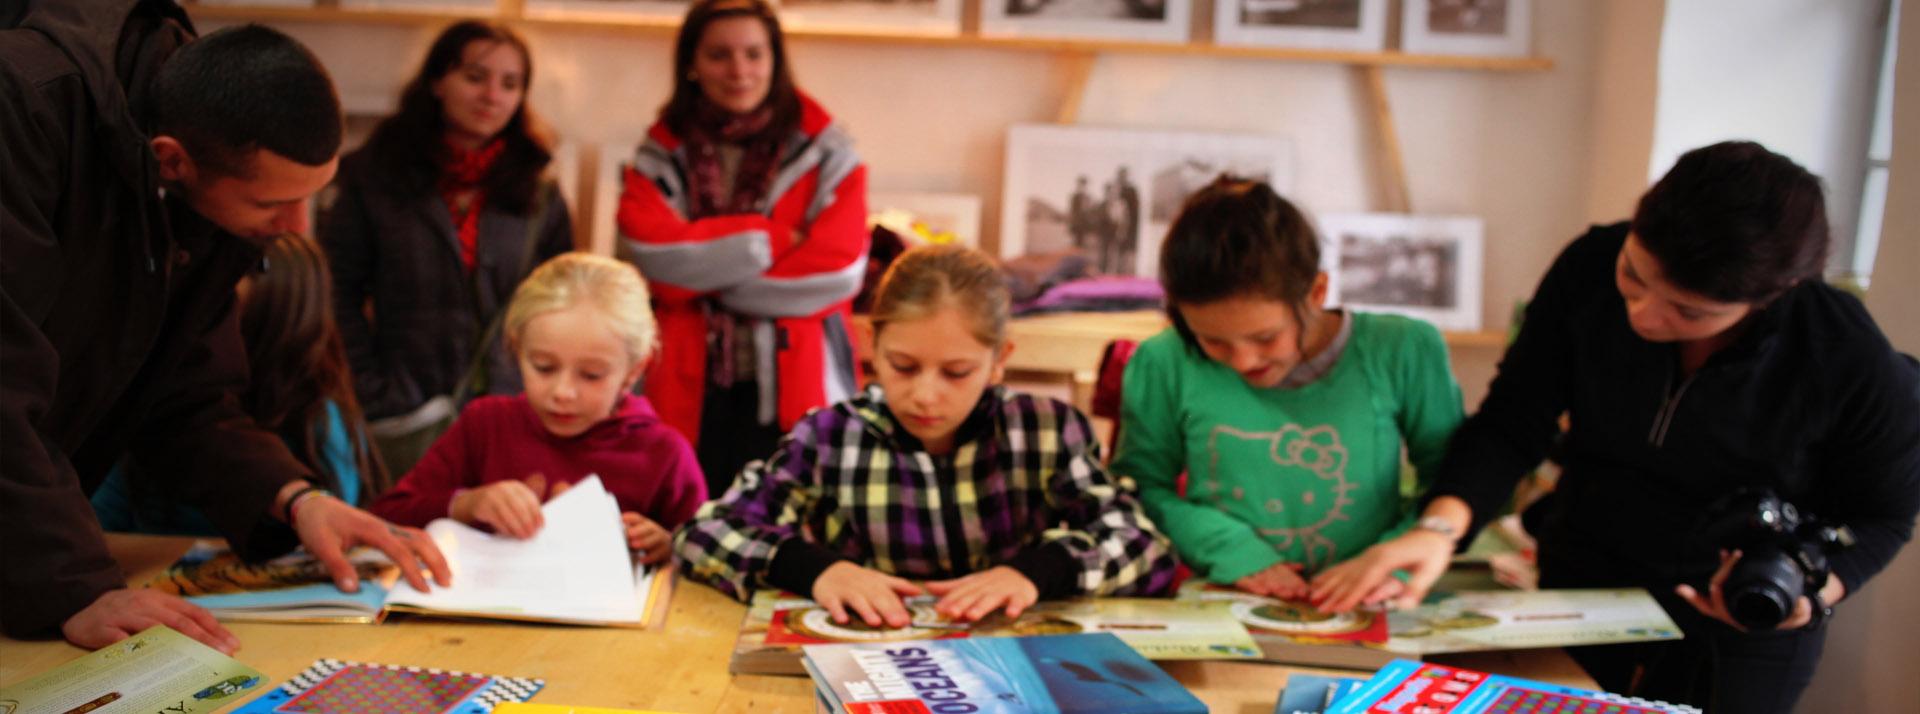 Colectăm cărți și materiale pentru activități educaționale